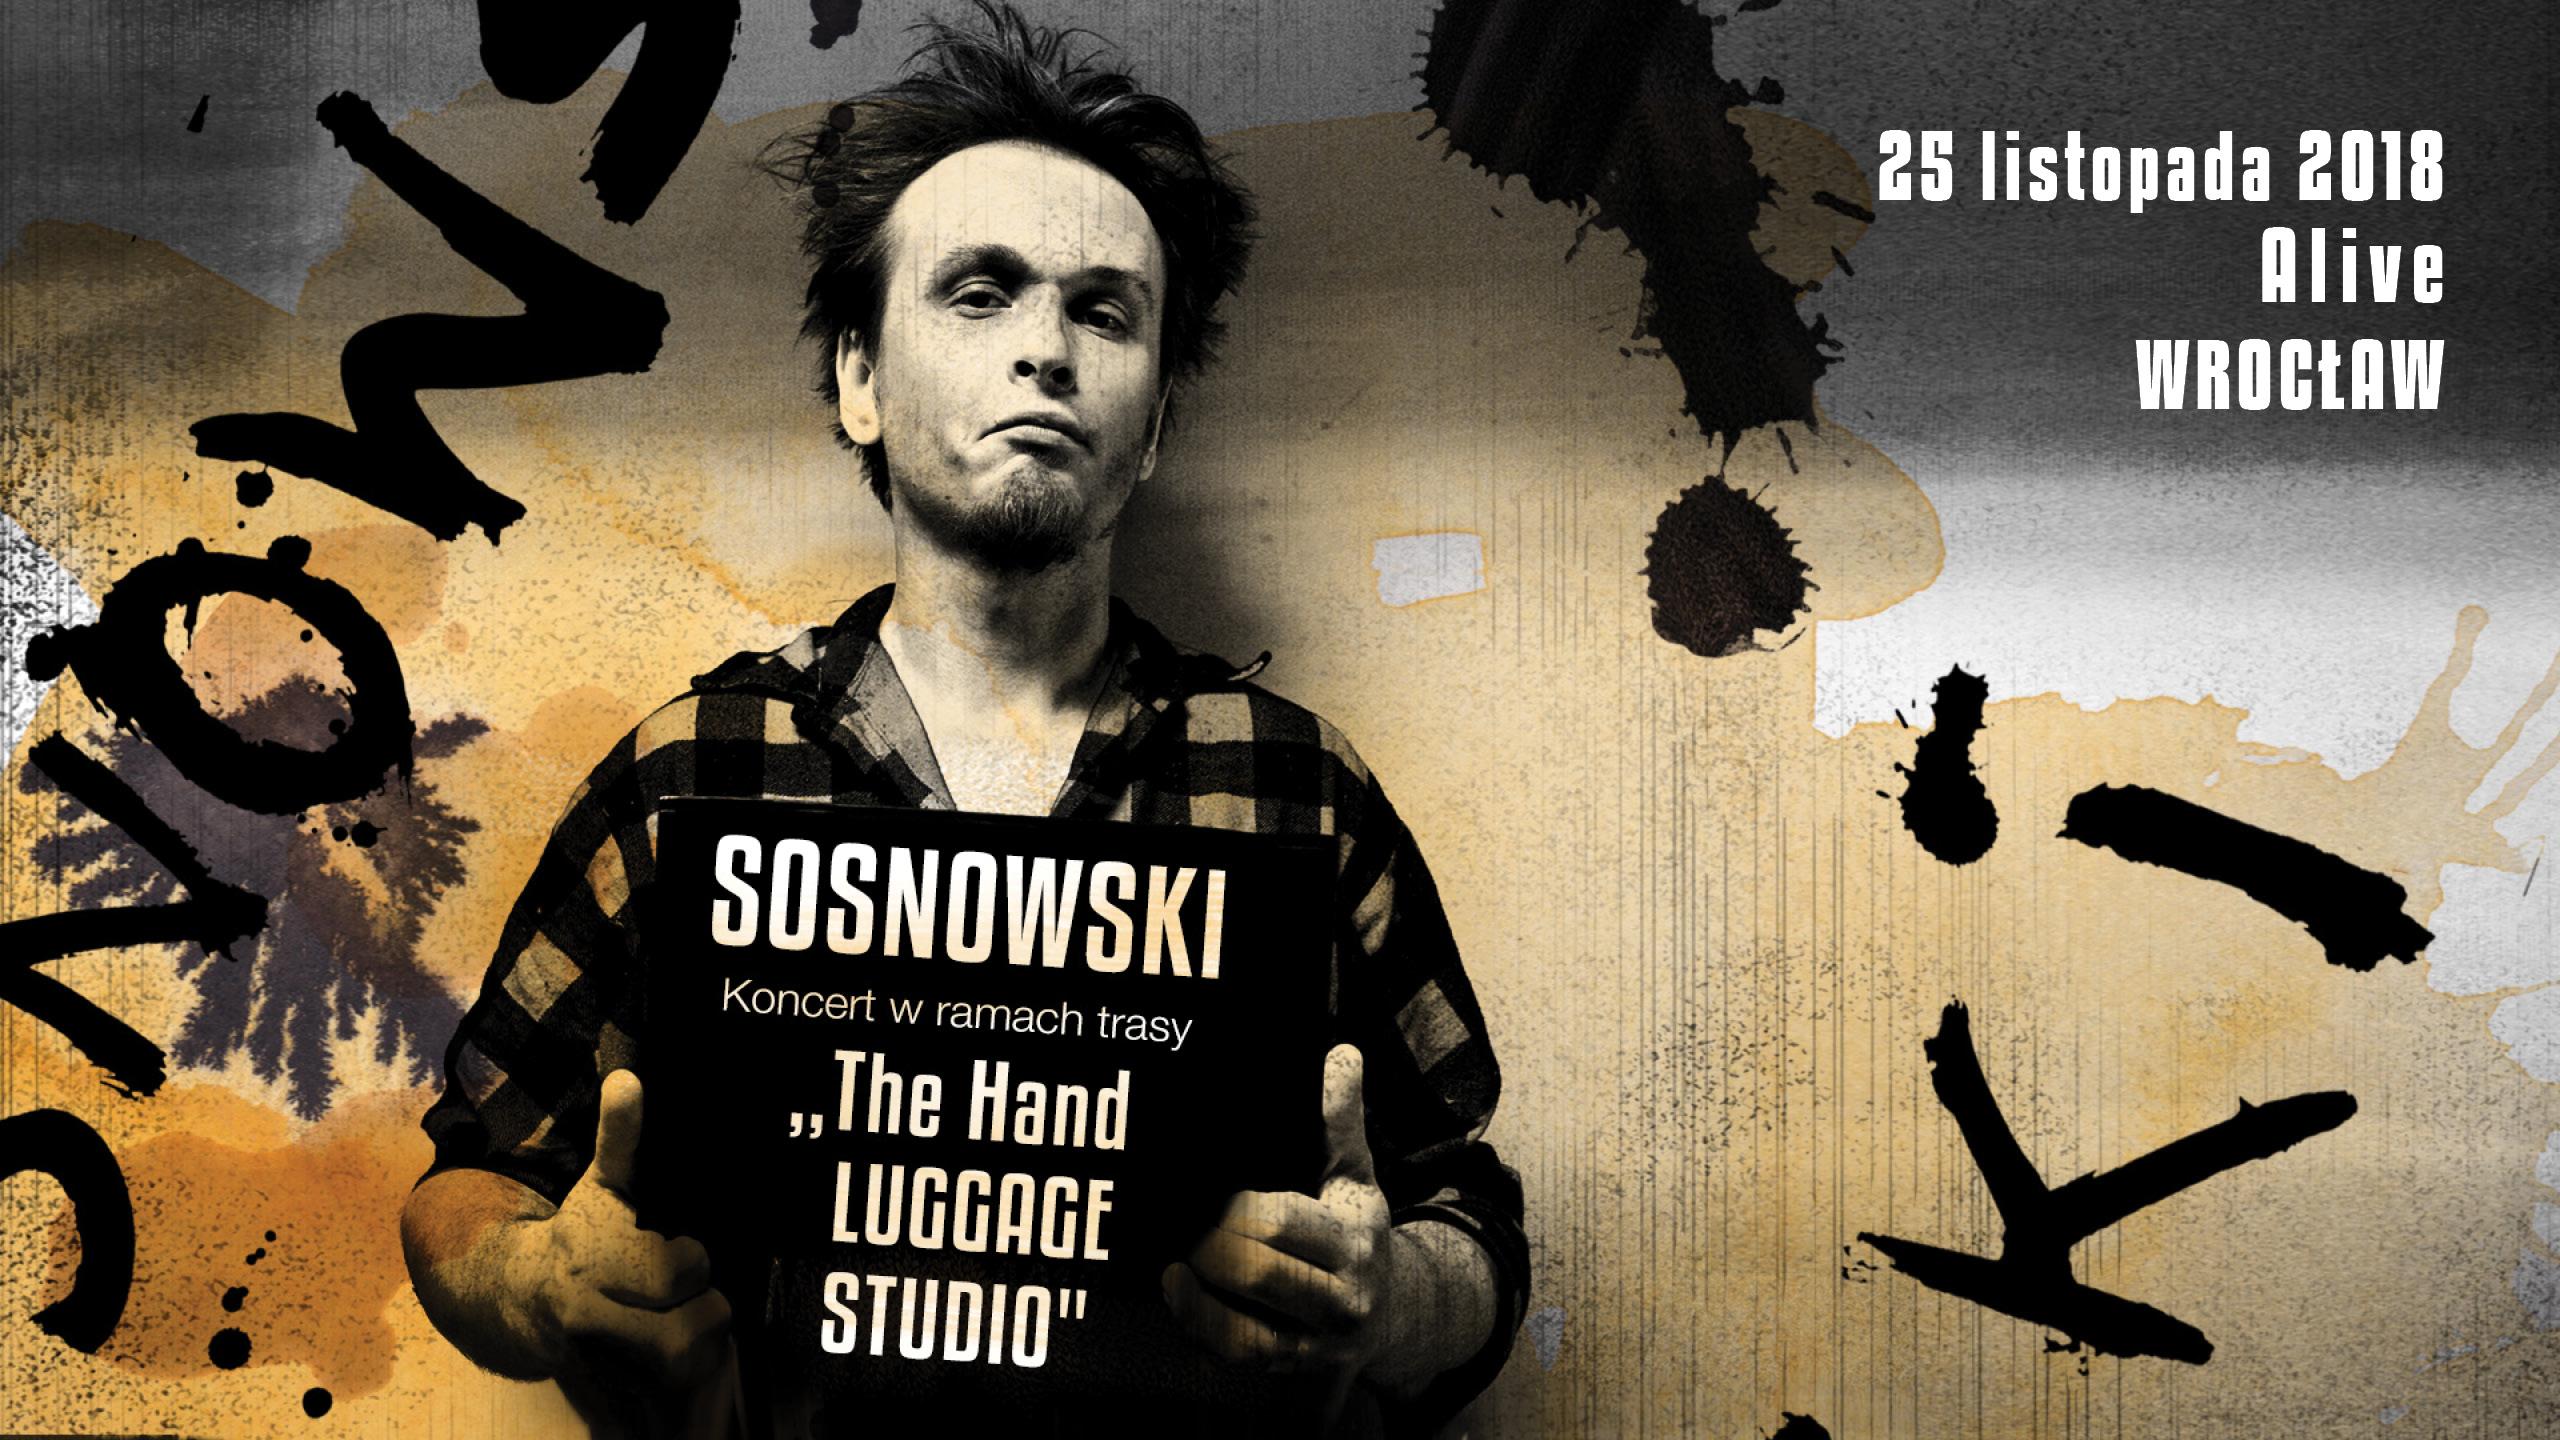 Sosnowski @ Kolejowa 12